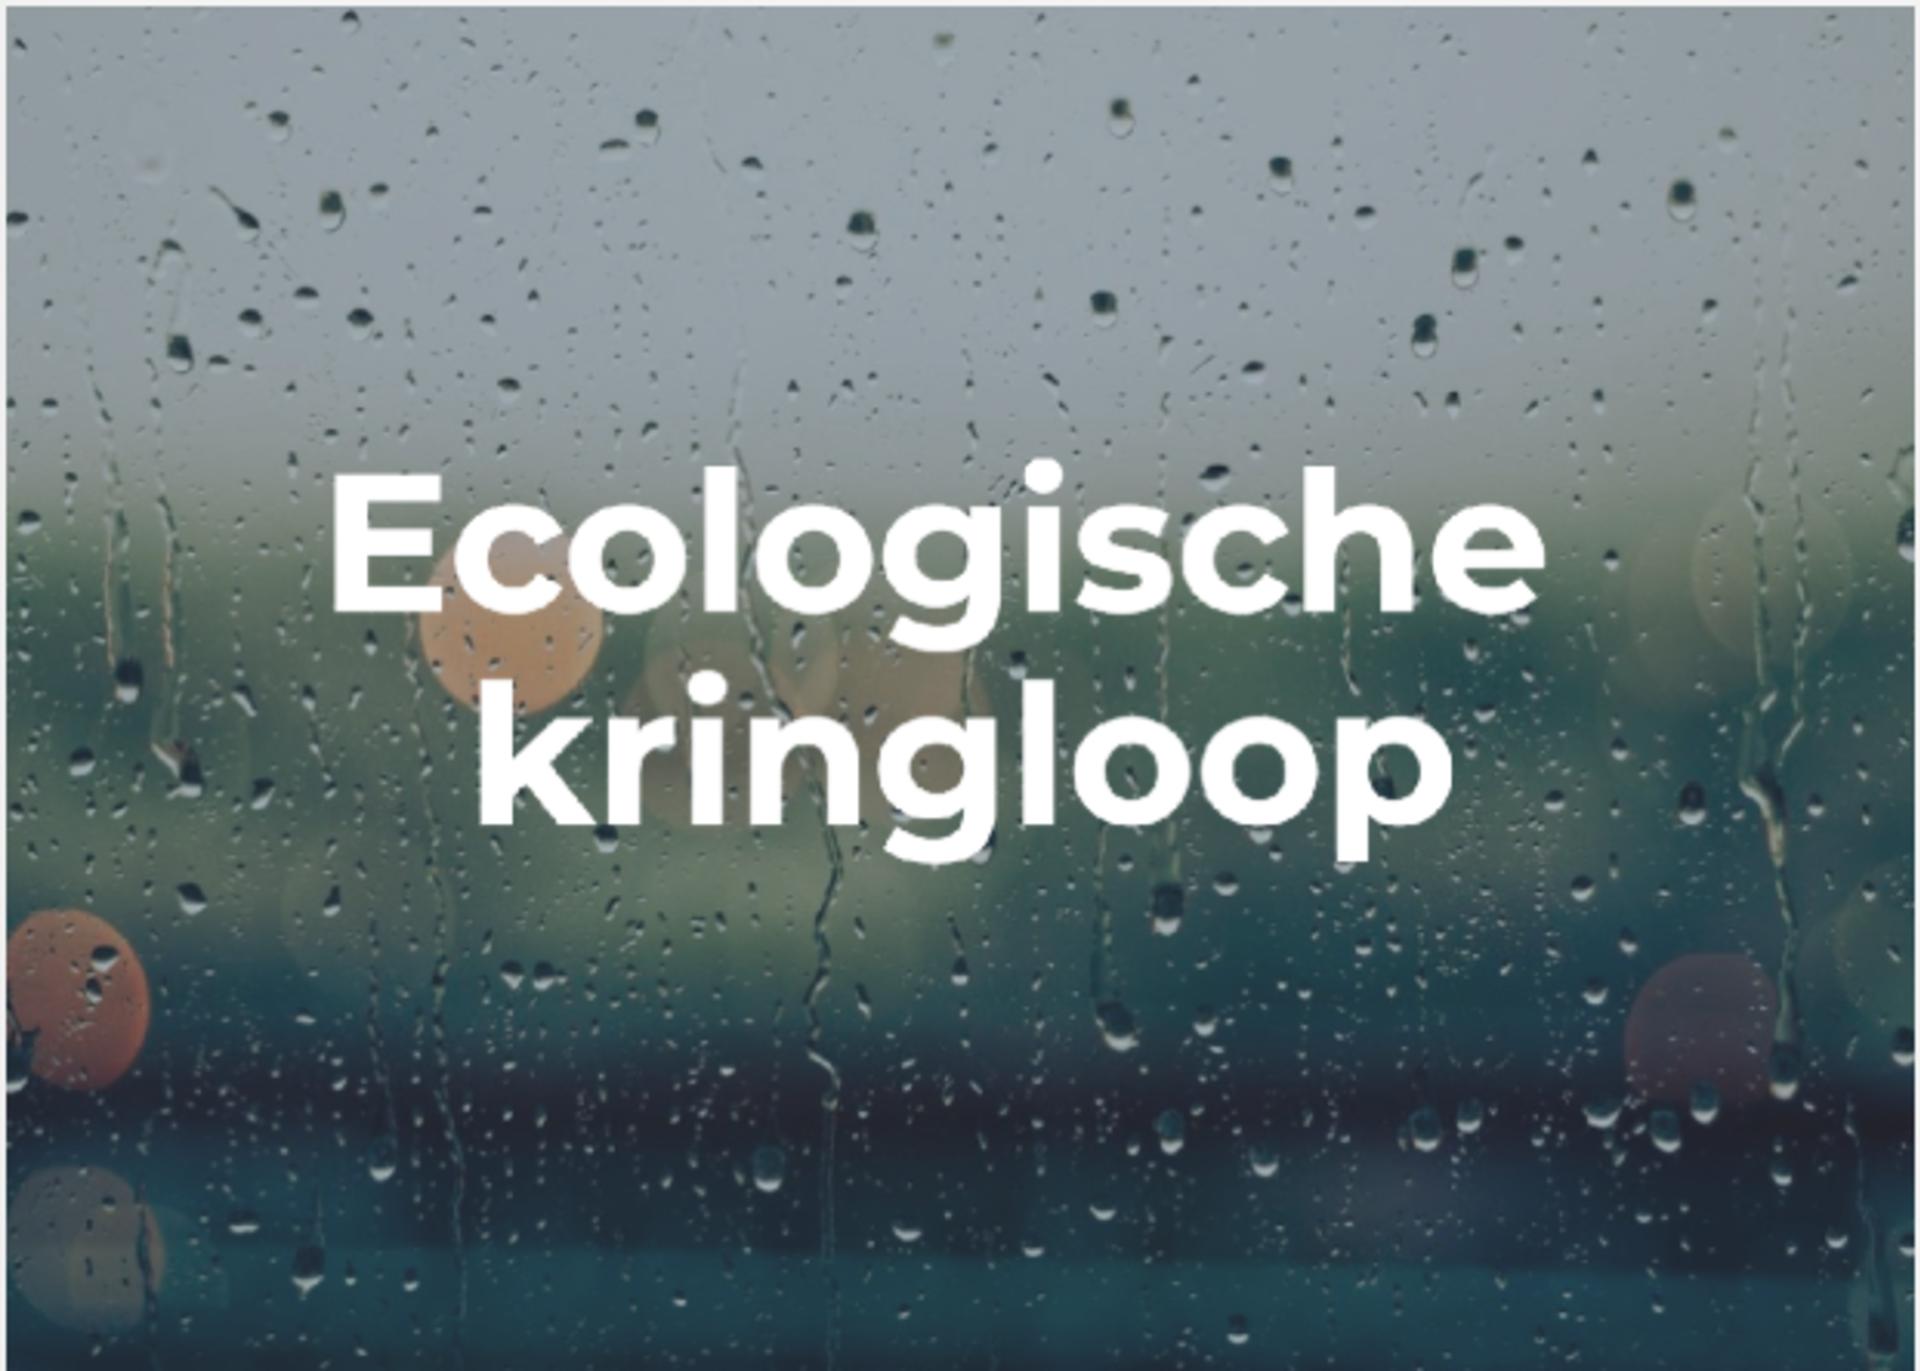 Aardrijkskundeles over de ecologische kringloop